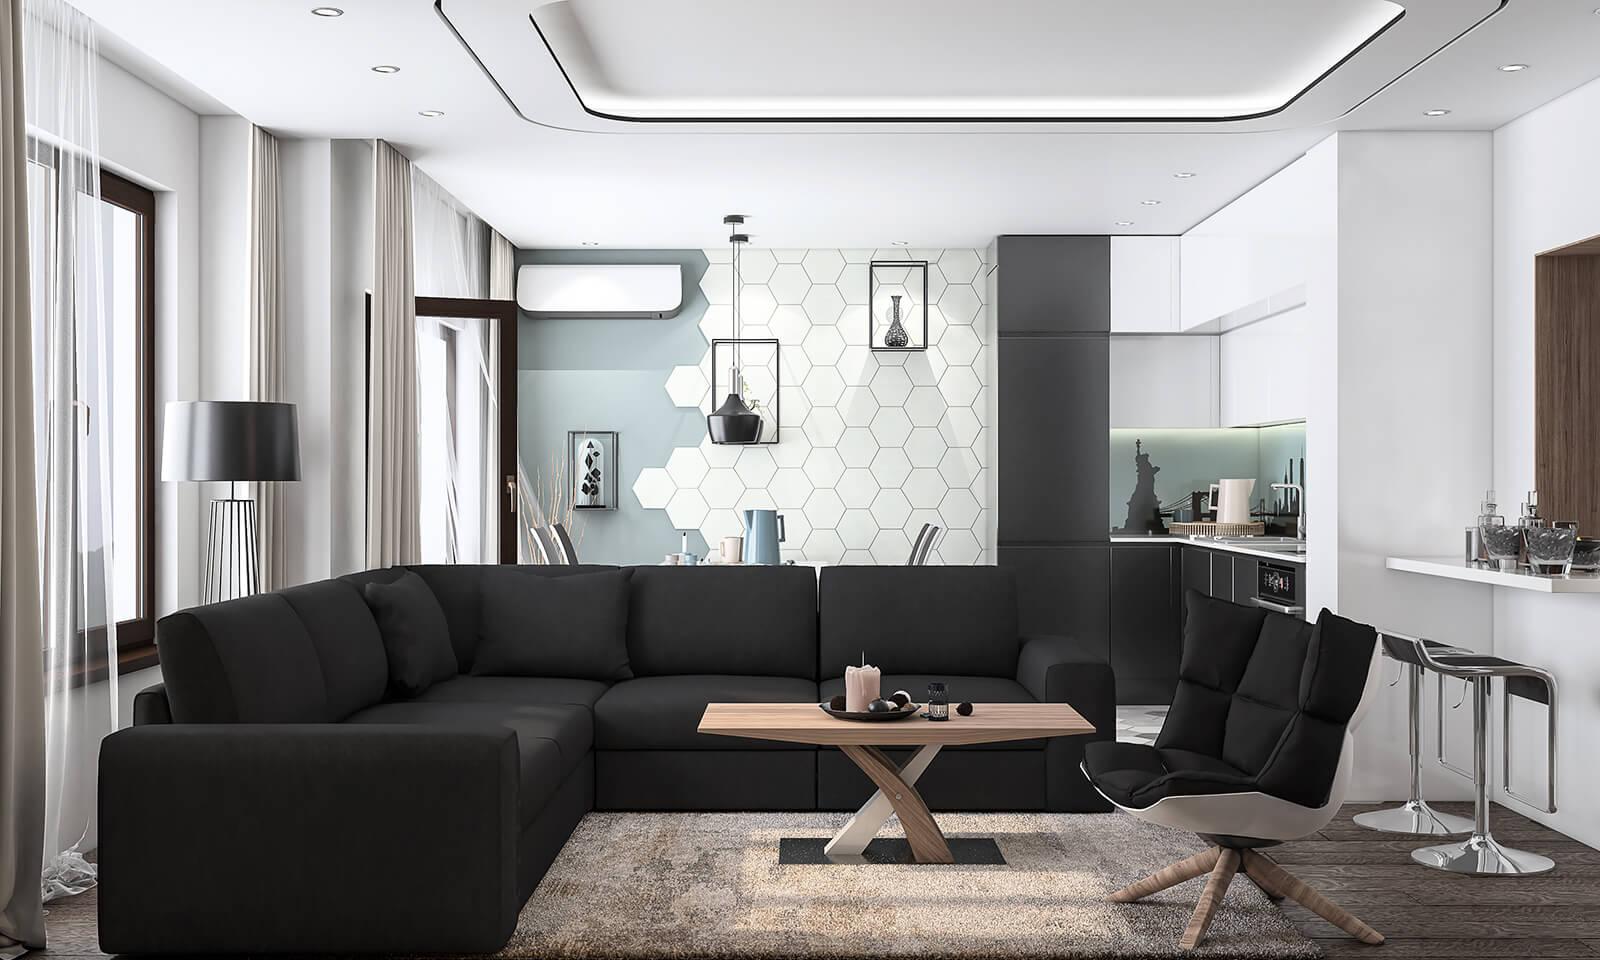 interioren-dizain-na-vsekidnevna-kum-proekt-nappa-black (2)